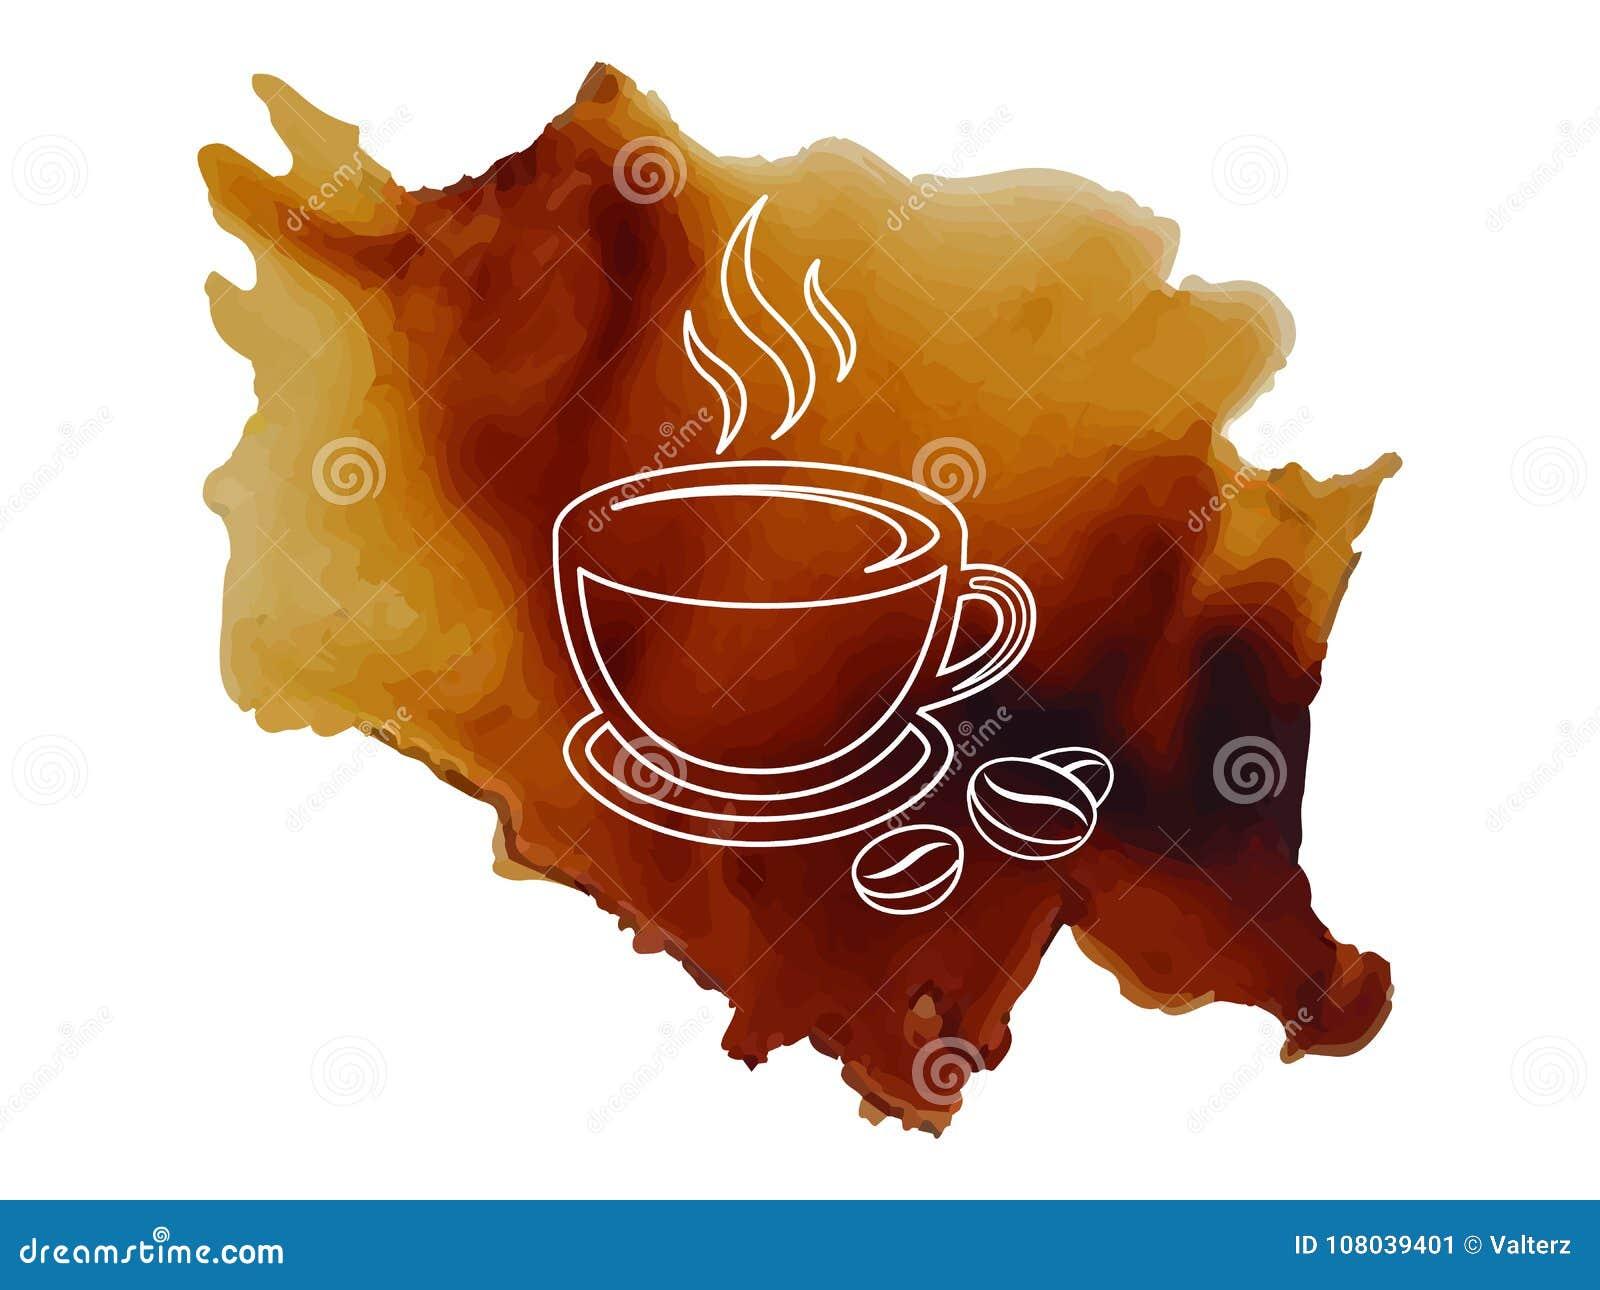 De kop van de embleemkoffie met met koffiebonen schetst op gemorste koffieachtergrond vectorillustratie